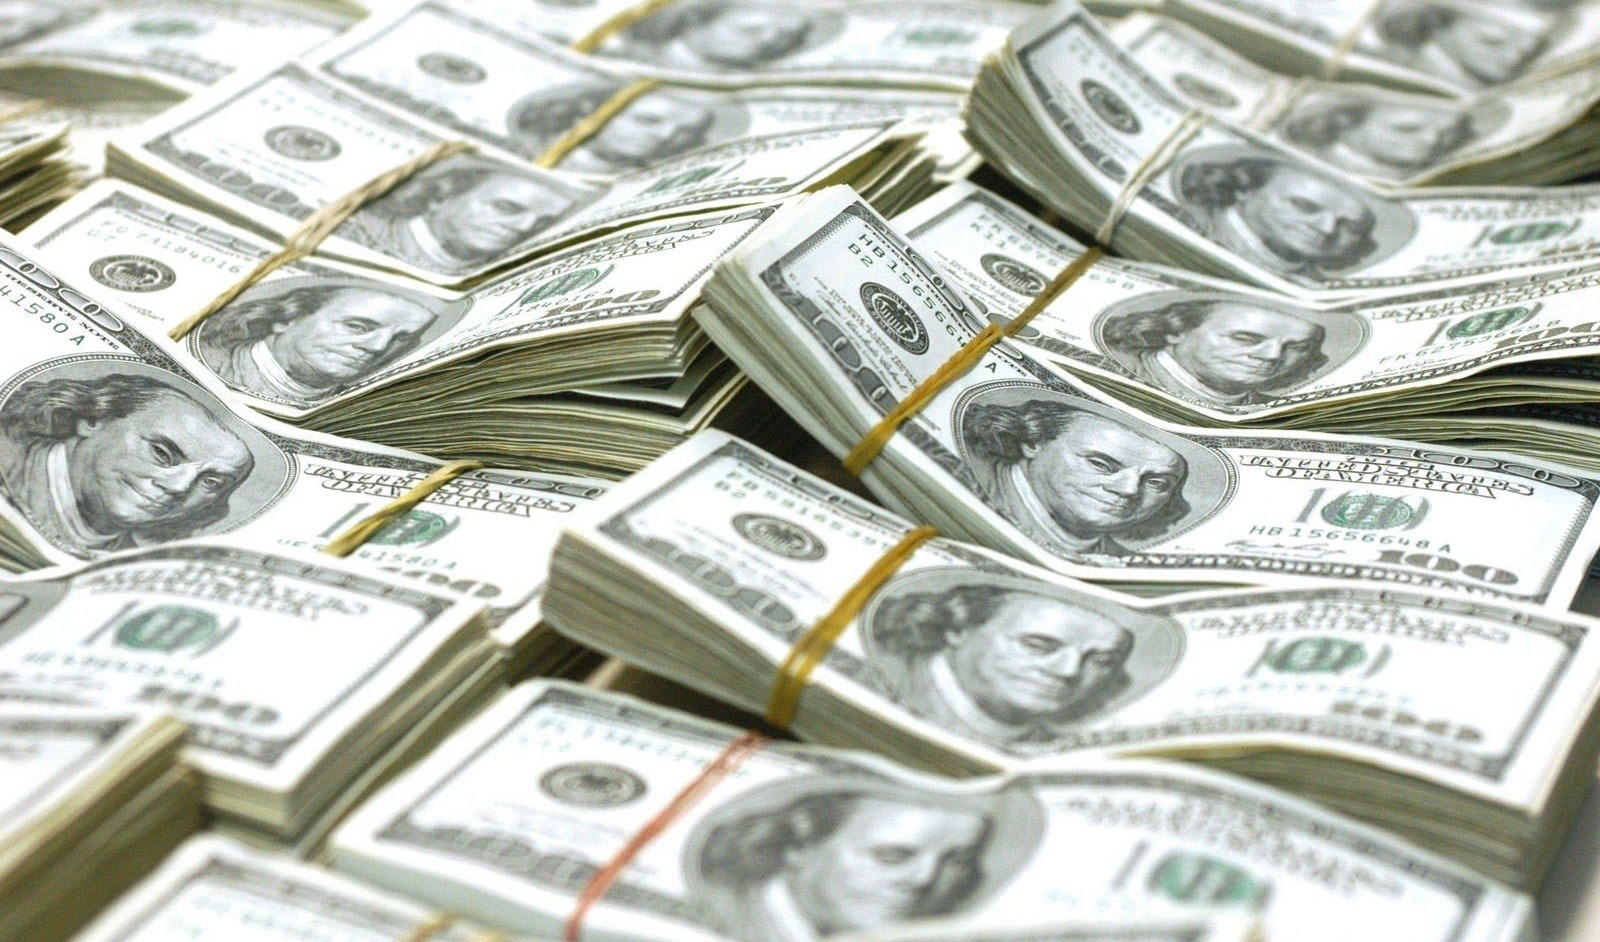 أسعار الدولار اليوم الثلاثاء 13-6-2017